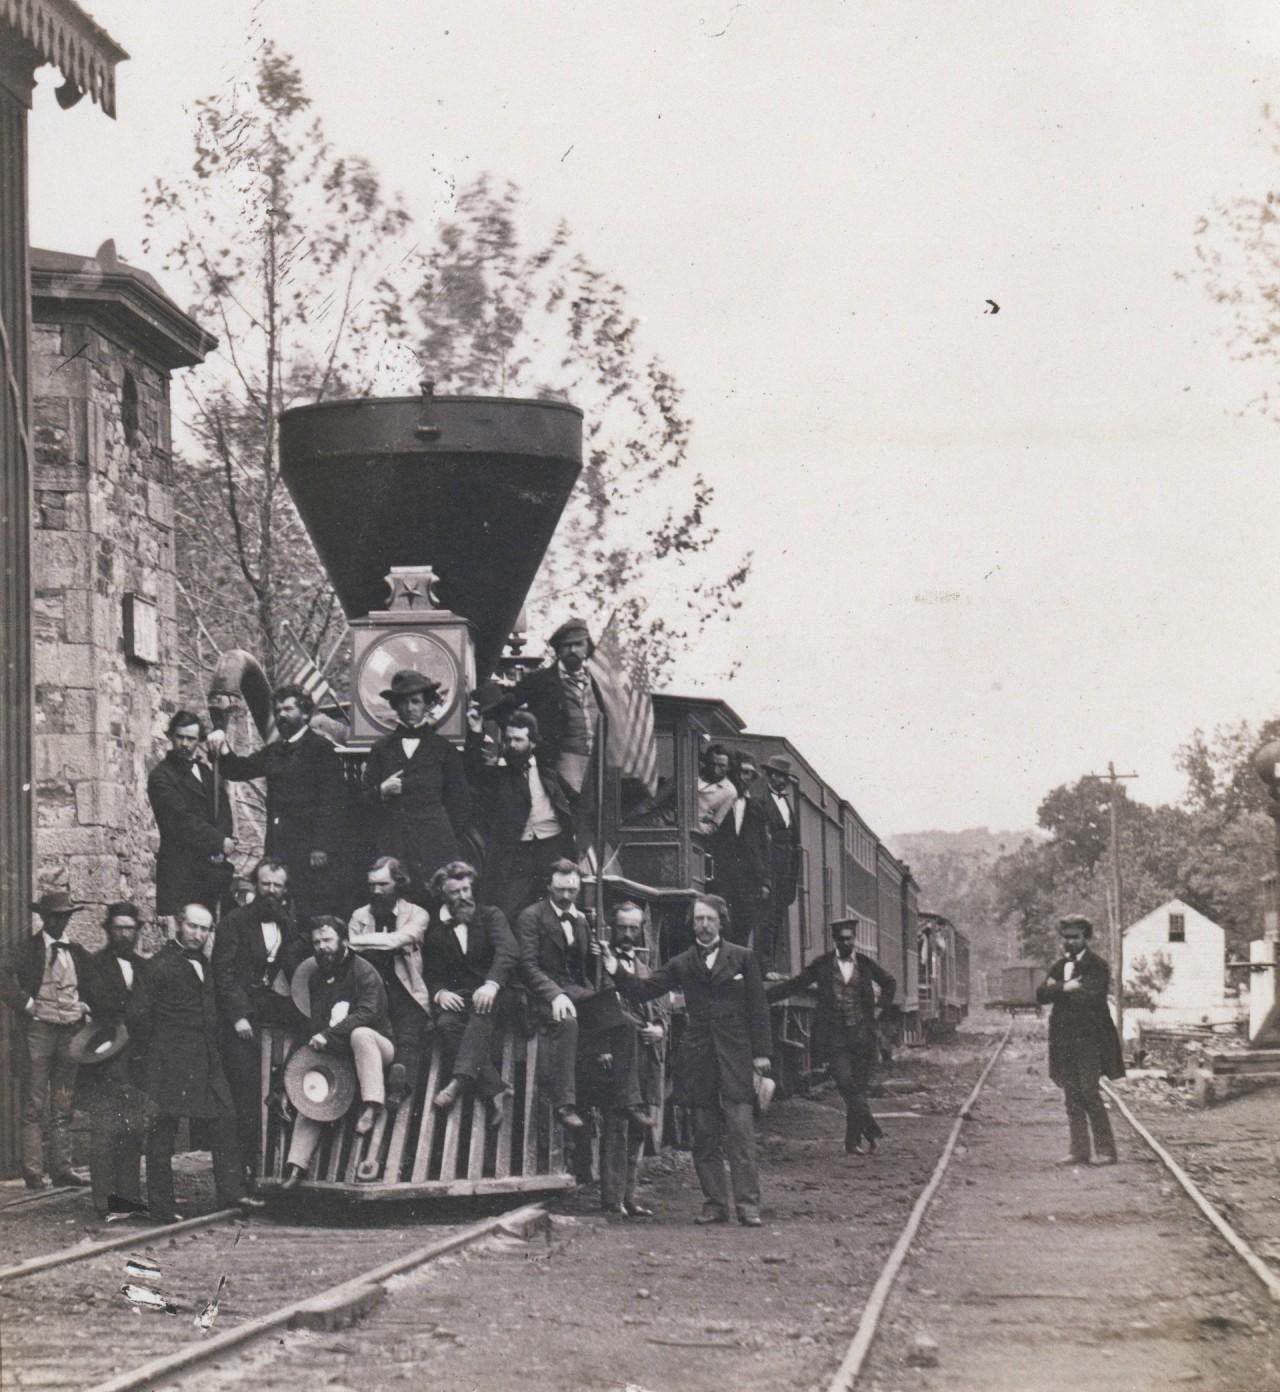 Экскурсия художников, Беркли-Спрингс, Западная Виргиния, 1858 год